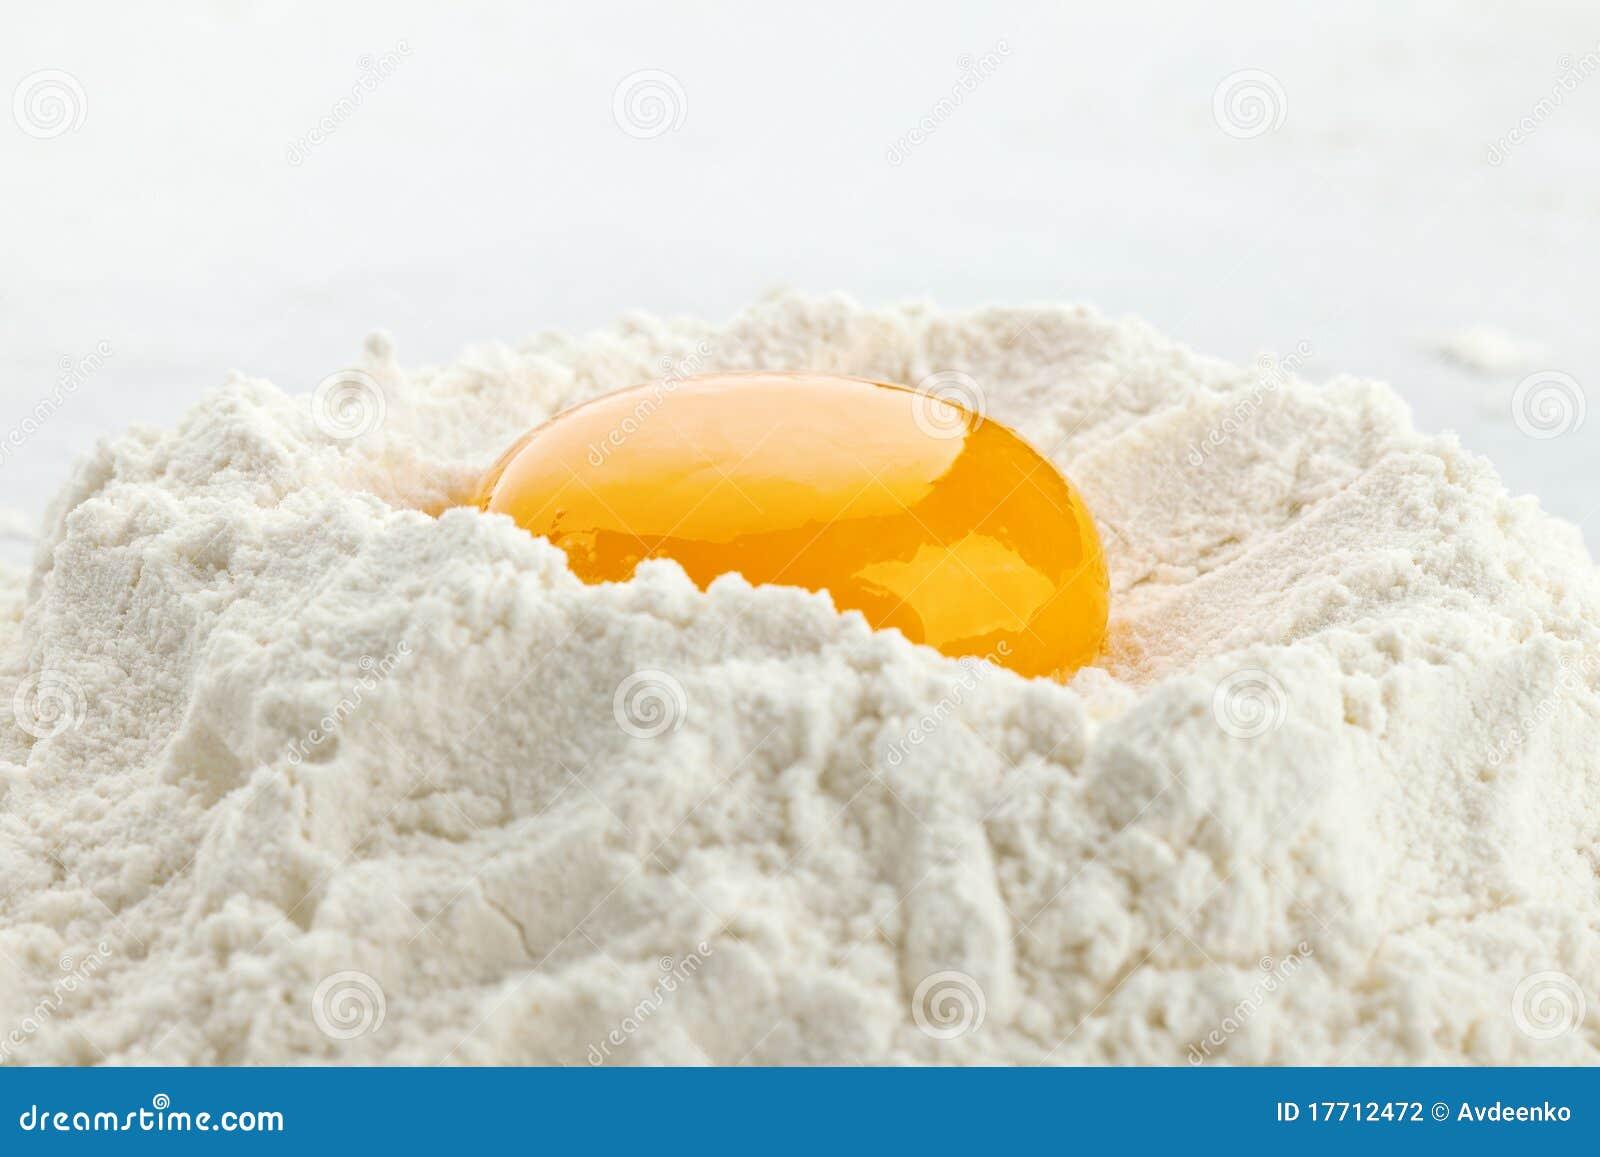 Broken egg on flour